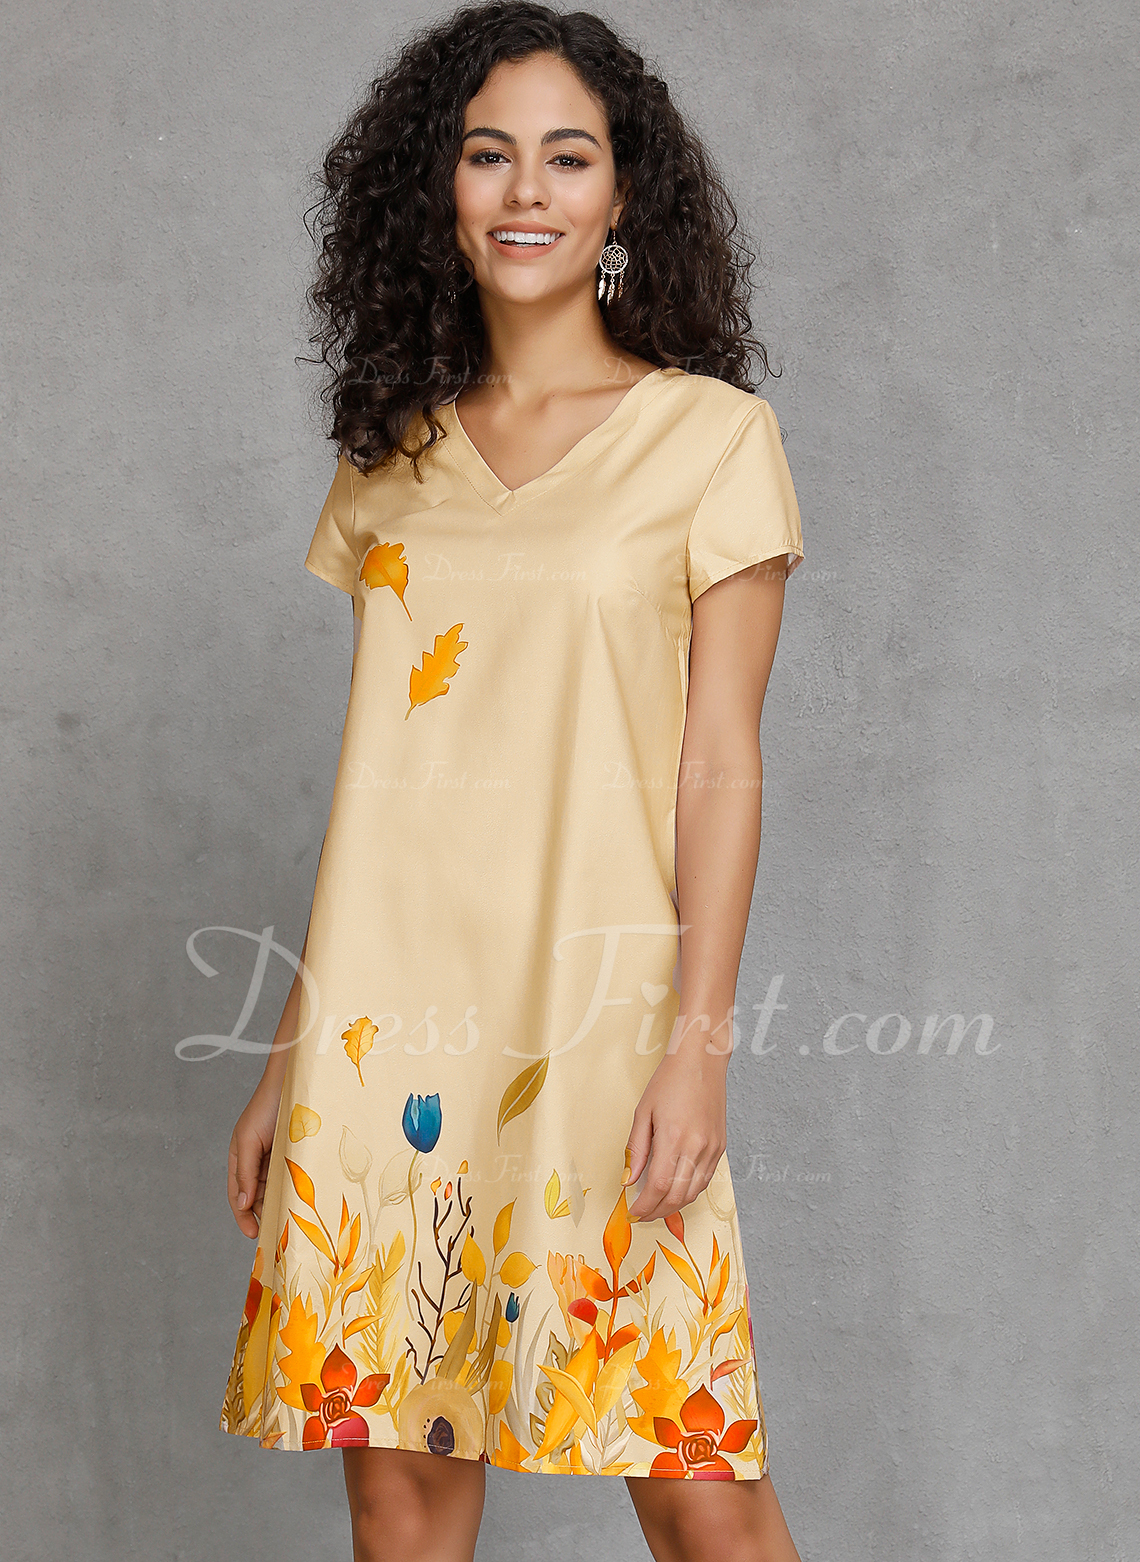 Kolano Długość Litera V Bawełna Wydrukować Krótkie Rękawy Modne Suknie